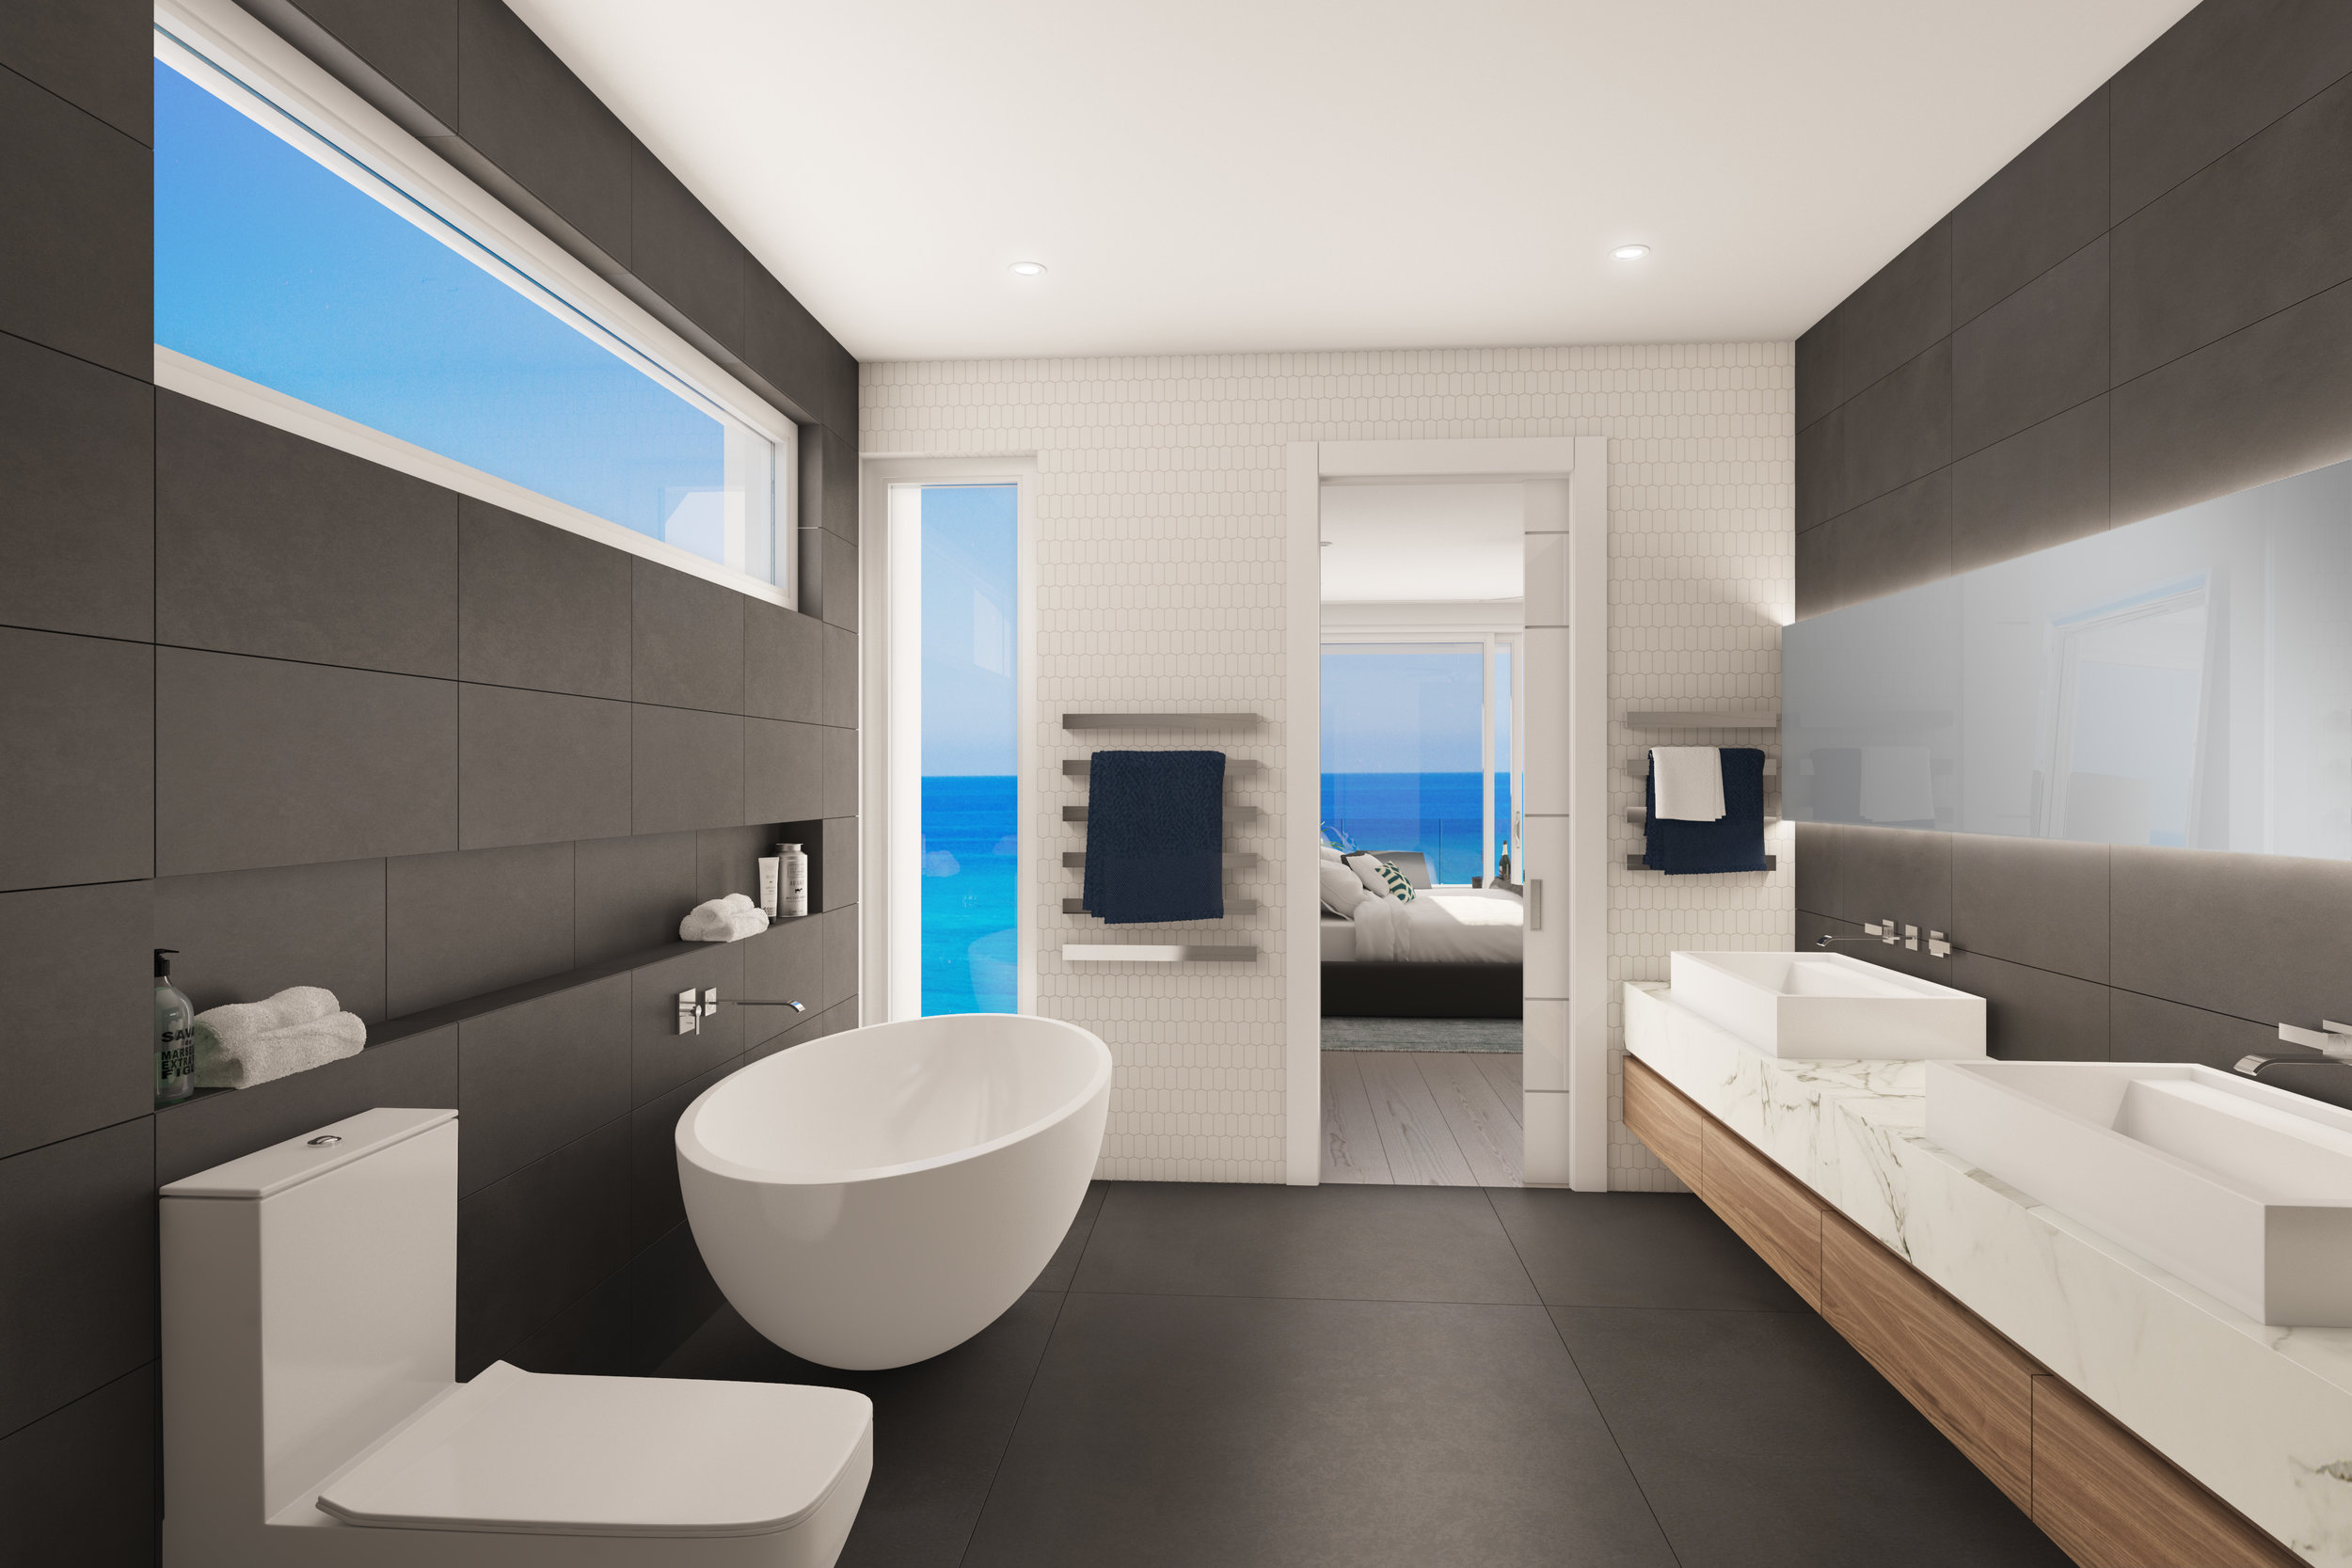 Aqua_Interior_Bathroom A.jpg